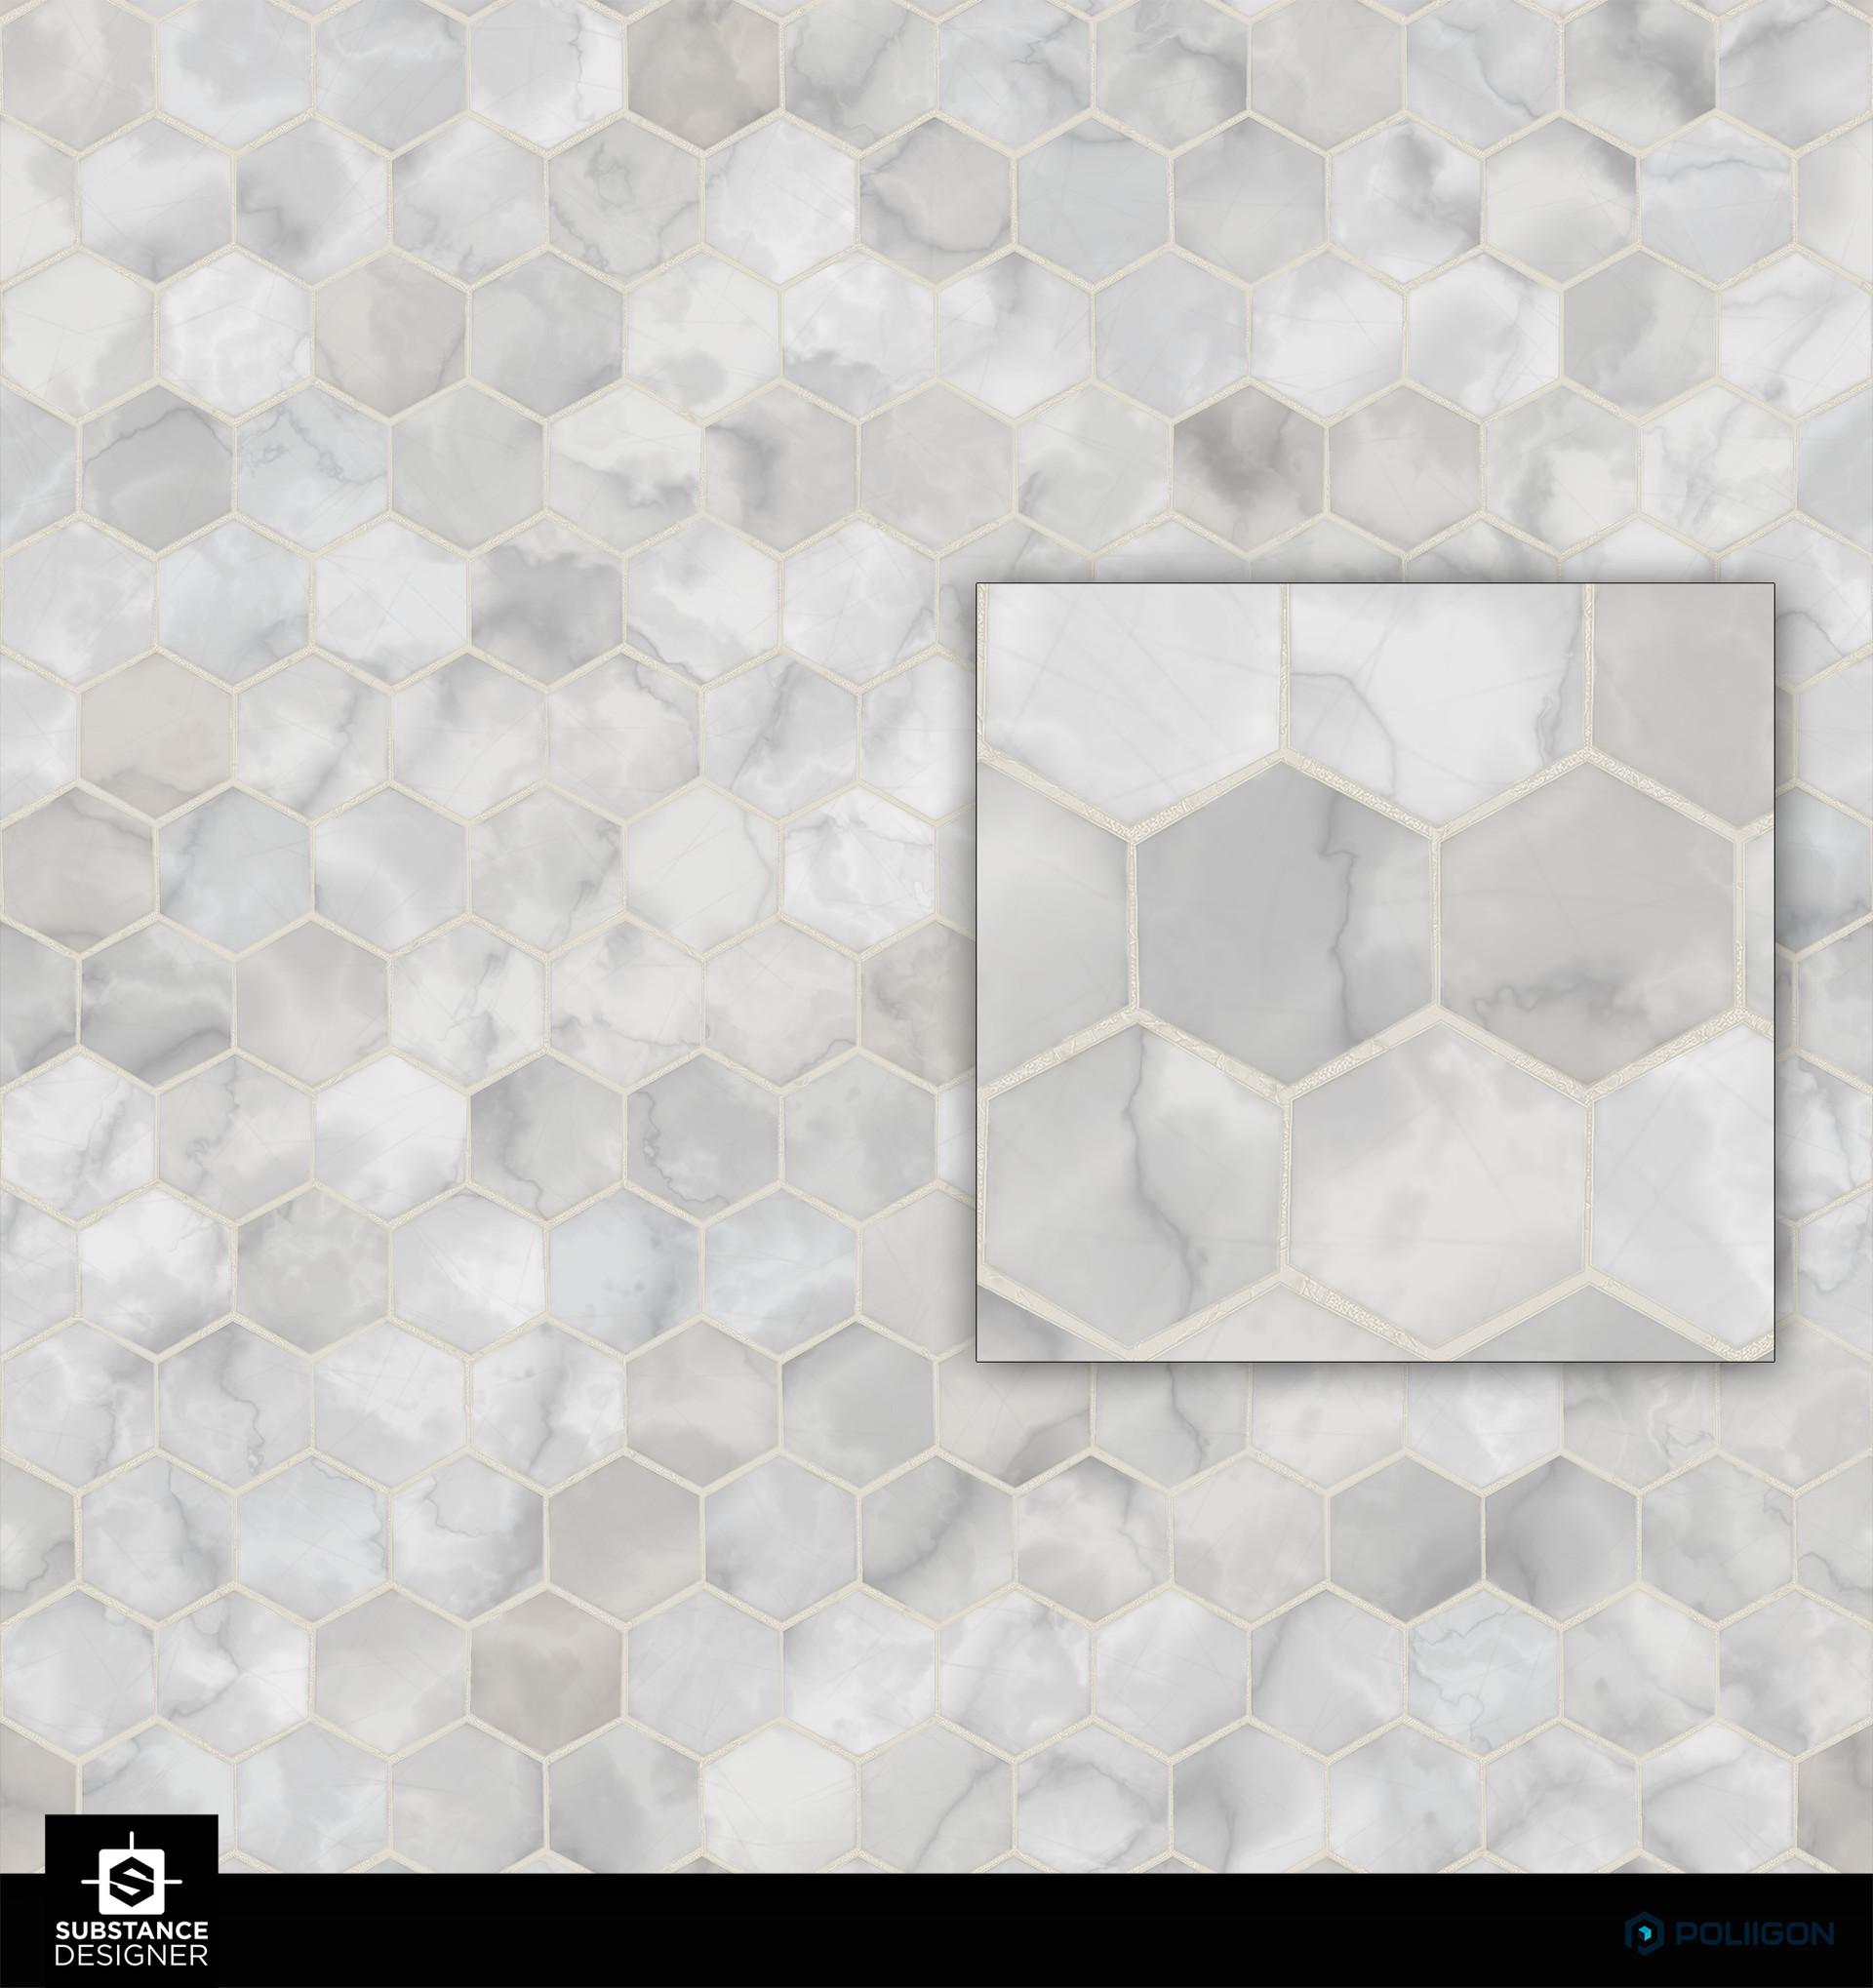 Guilherme henrique hexagonal t